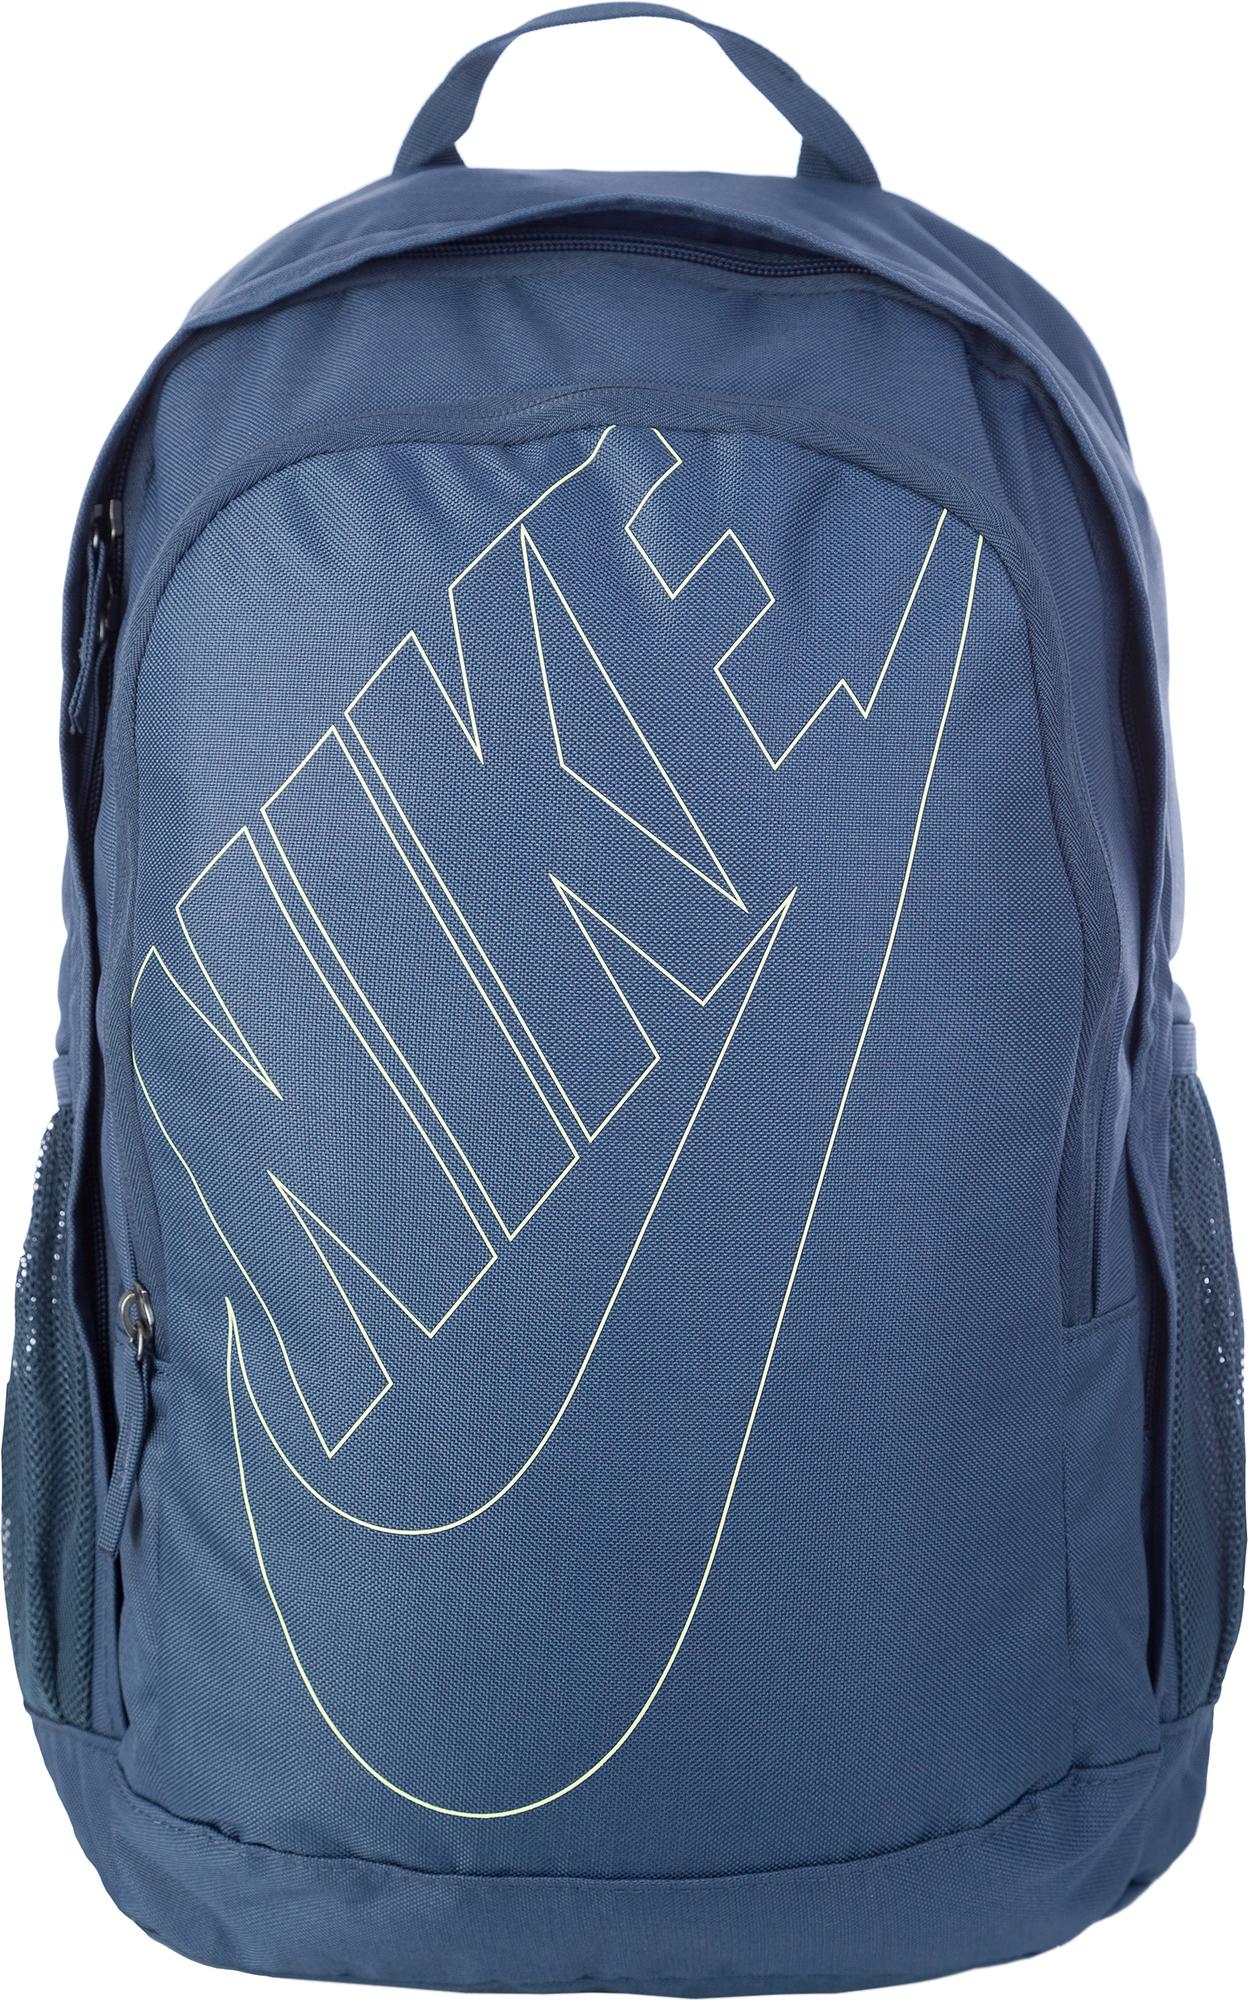 купить Nike Рюкзак Nike Hayward Futura 2.0 по цене 2099 рублей